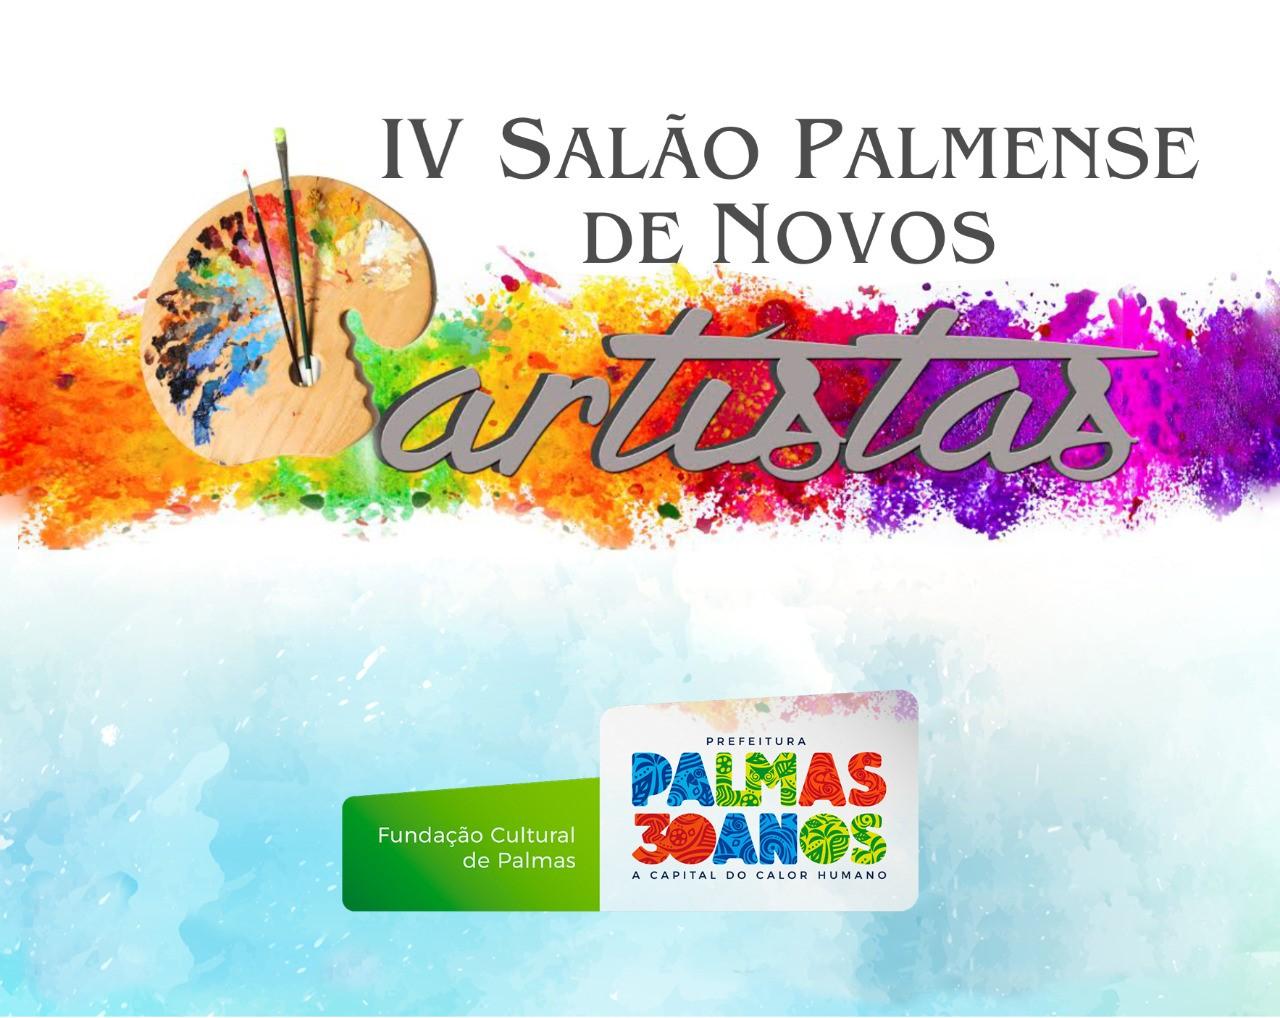 Inscrições para o Salão Palmense de Novos Artistas são prorrogadas até 20 de setembro